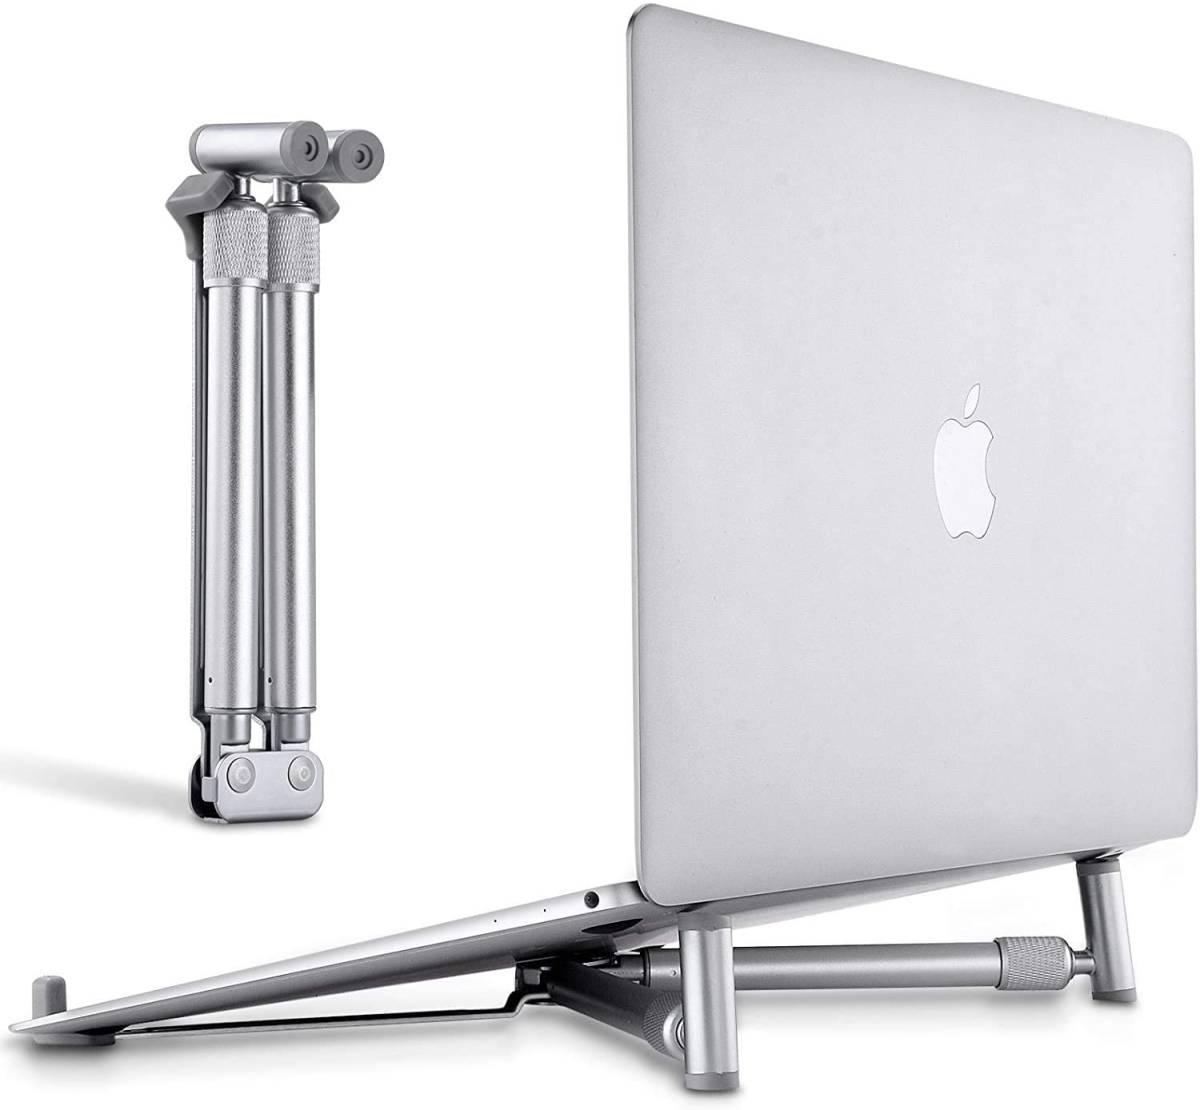 ノートパソコンスタンド アルミ製 折りたたみ式 5段階調節可能 優れた放熱性 人間工学デザイン 姿勢改善 12~17インチ PC/タブレット対応